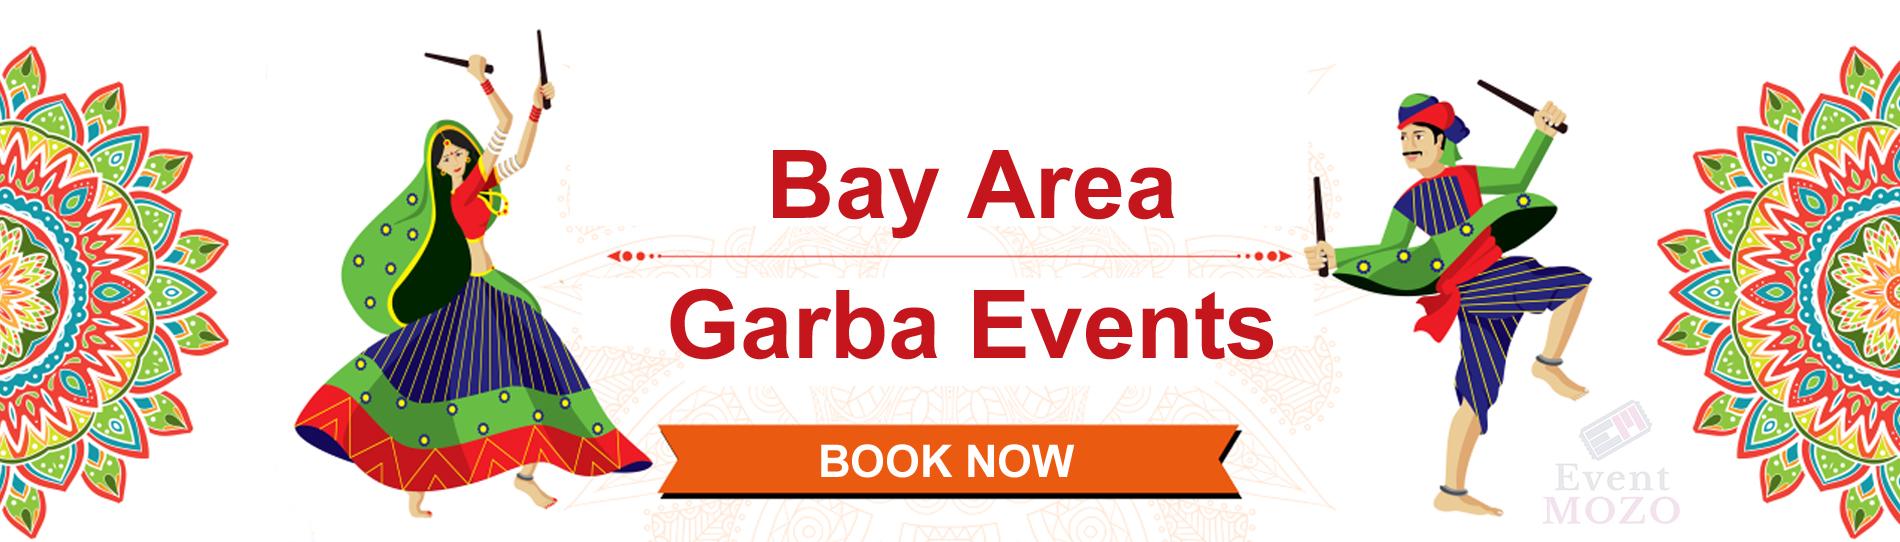 EventMozo Bay Area Garba Events